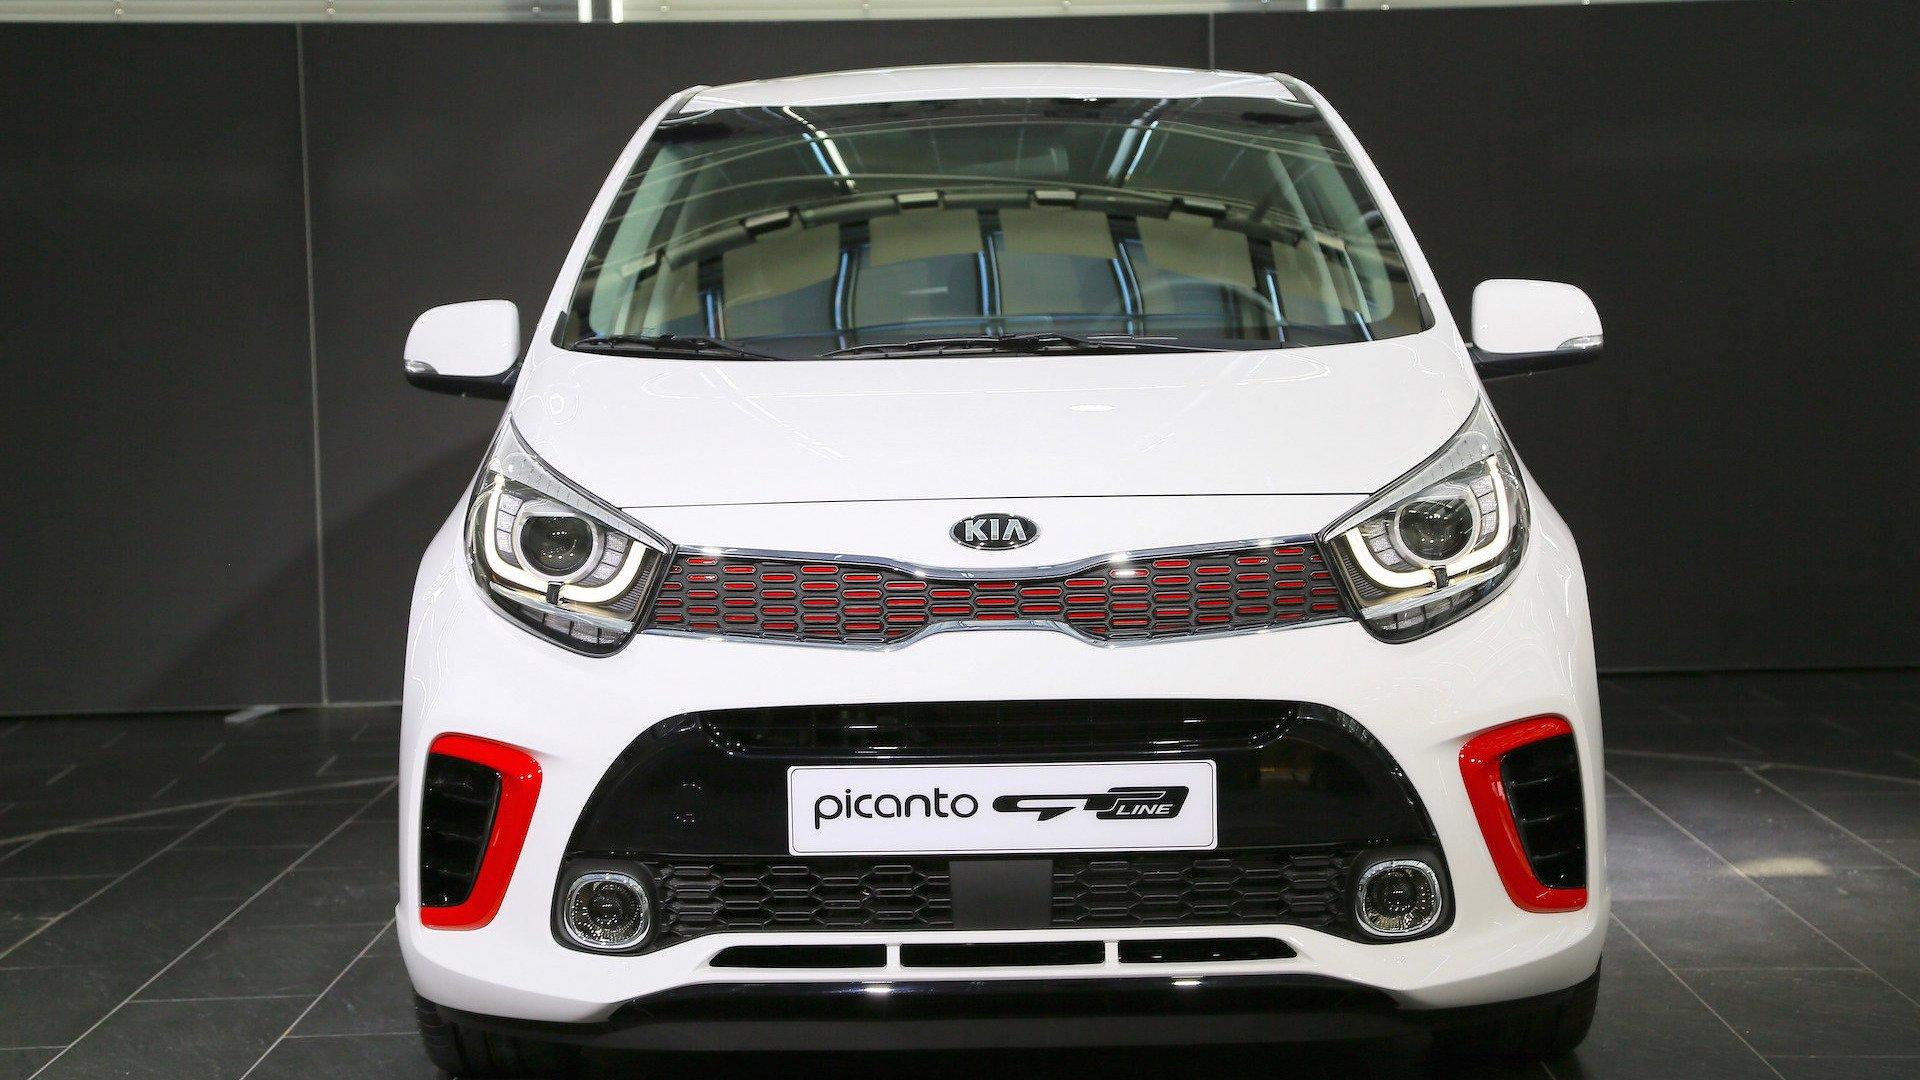 Кия выпустит Киа Picanto GT-Line слитровым турбомотором